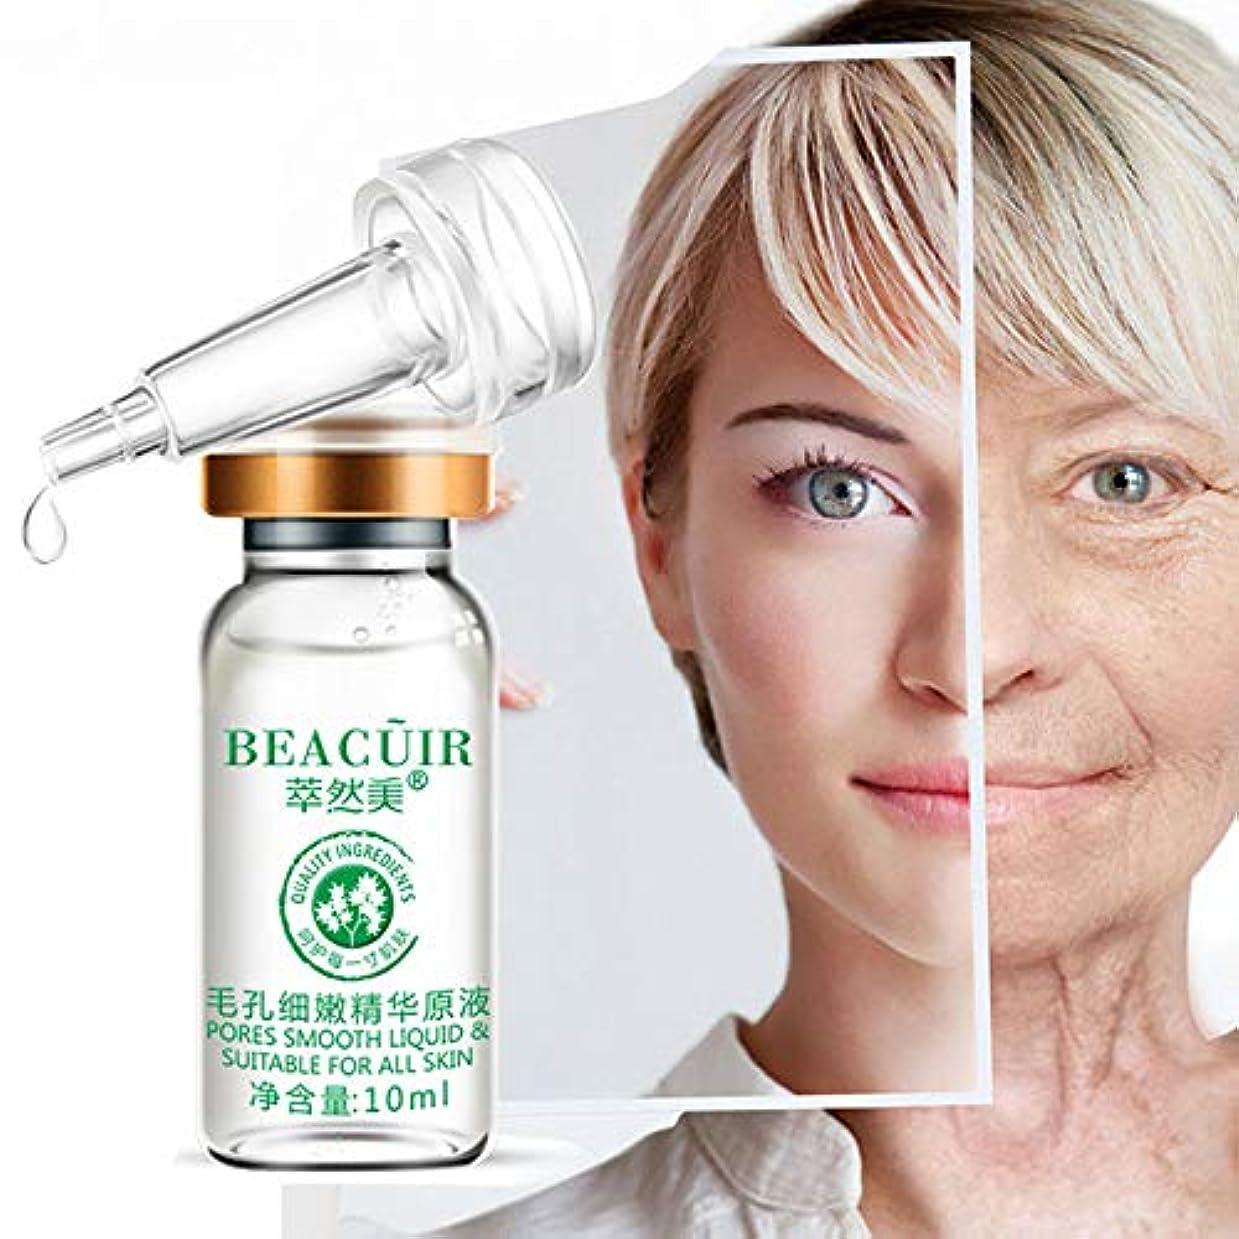 徹底的に平和な現像Akane BEACUIR 天然 水分 肌の明るさ 修復 美白 繊細 しわ取り 毛穴縮小 保湿 黒ずみ 角質除去 肌荒れ防止 くすんだ肌を改善し エッセンス 10ml